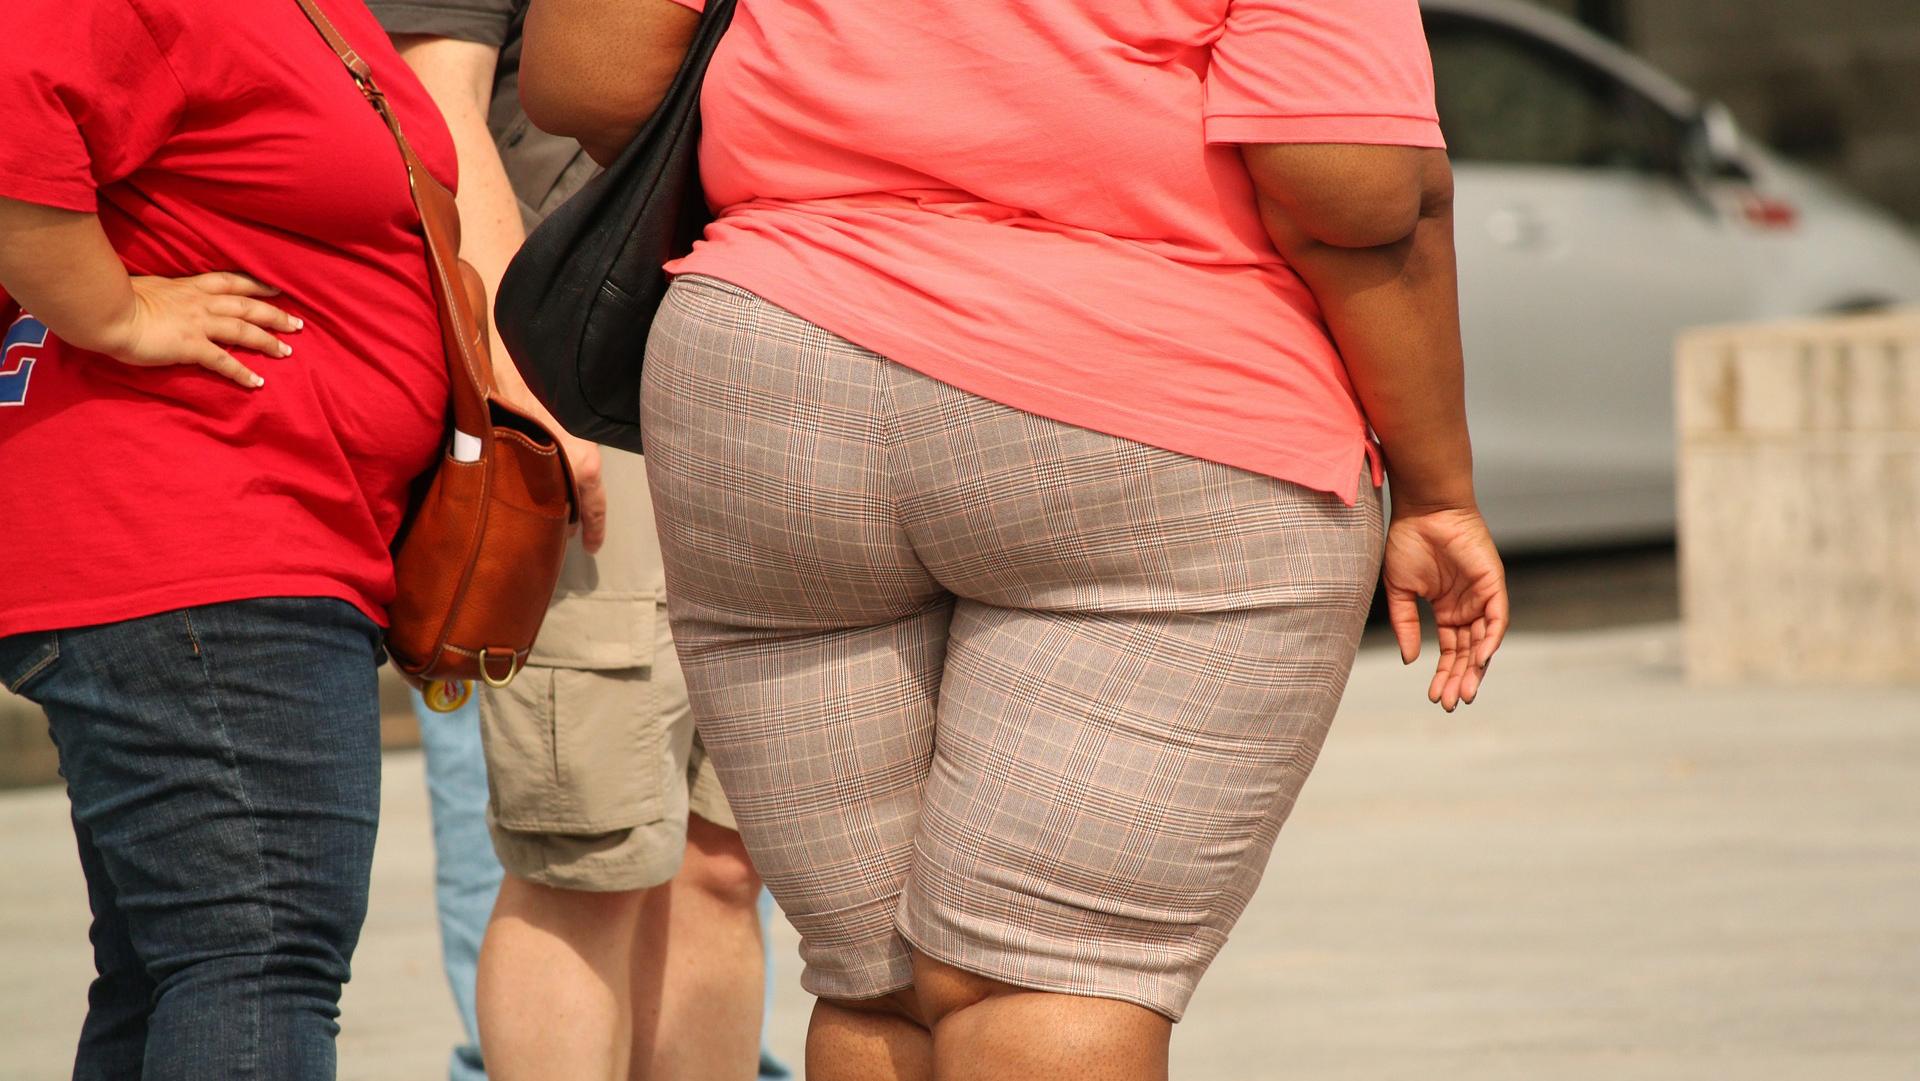 So lässt Fettleibigkeit das Brustkrebsrisiko steigen